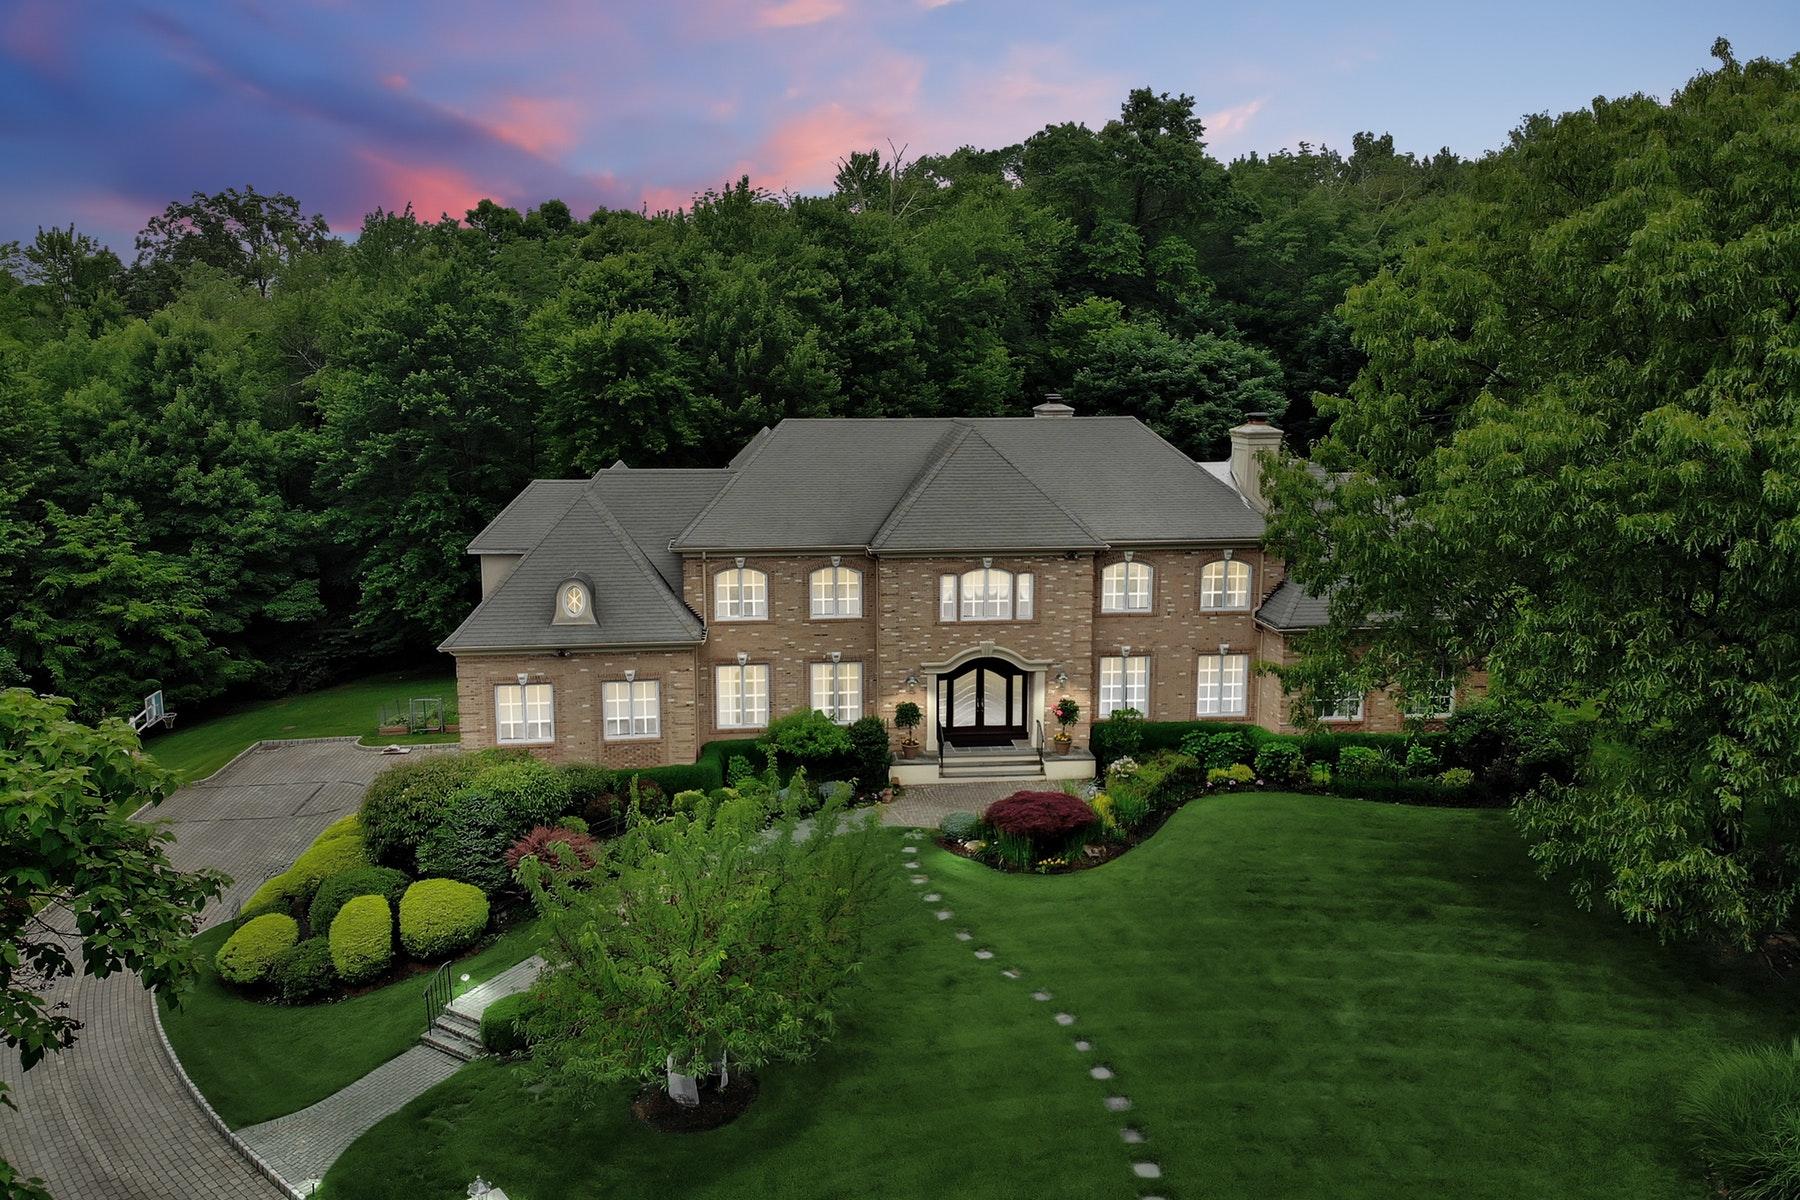 Single Family Homes por un Venta en Ultimate Privacy on Premier Cul de Sac 774 Jenny Trail, Franklin Lakes, Nueva Jersey 07417 Estados Unidos